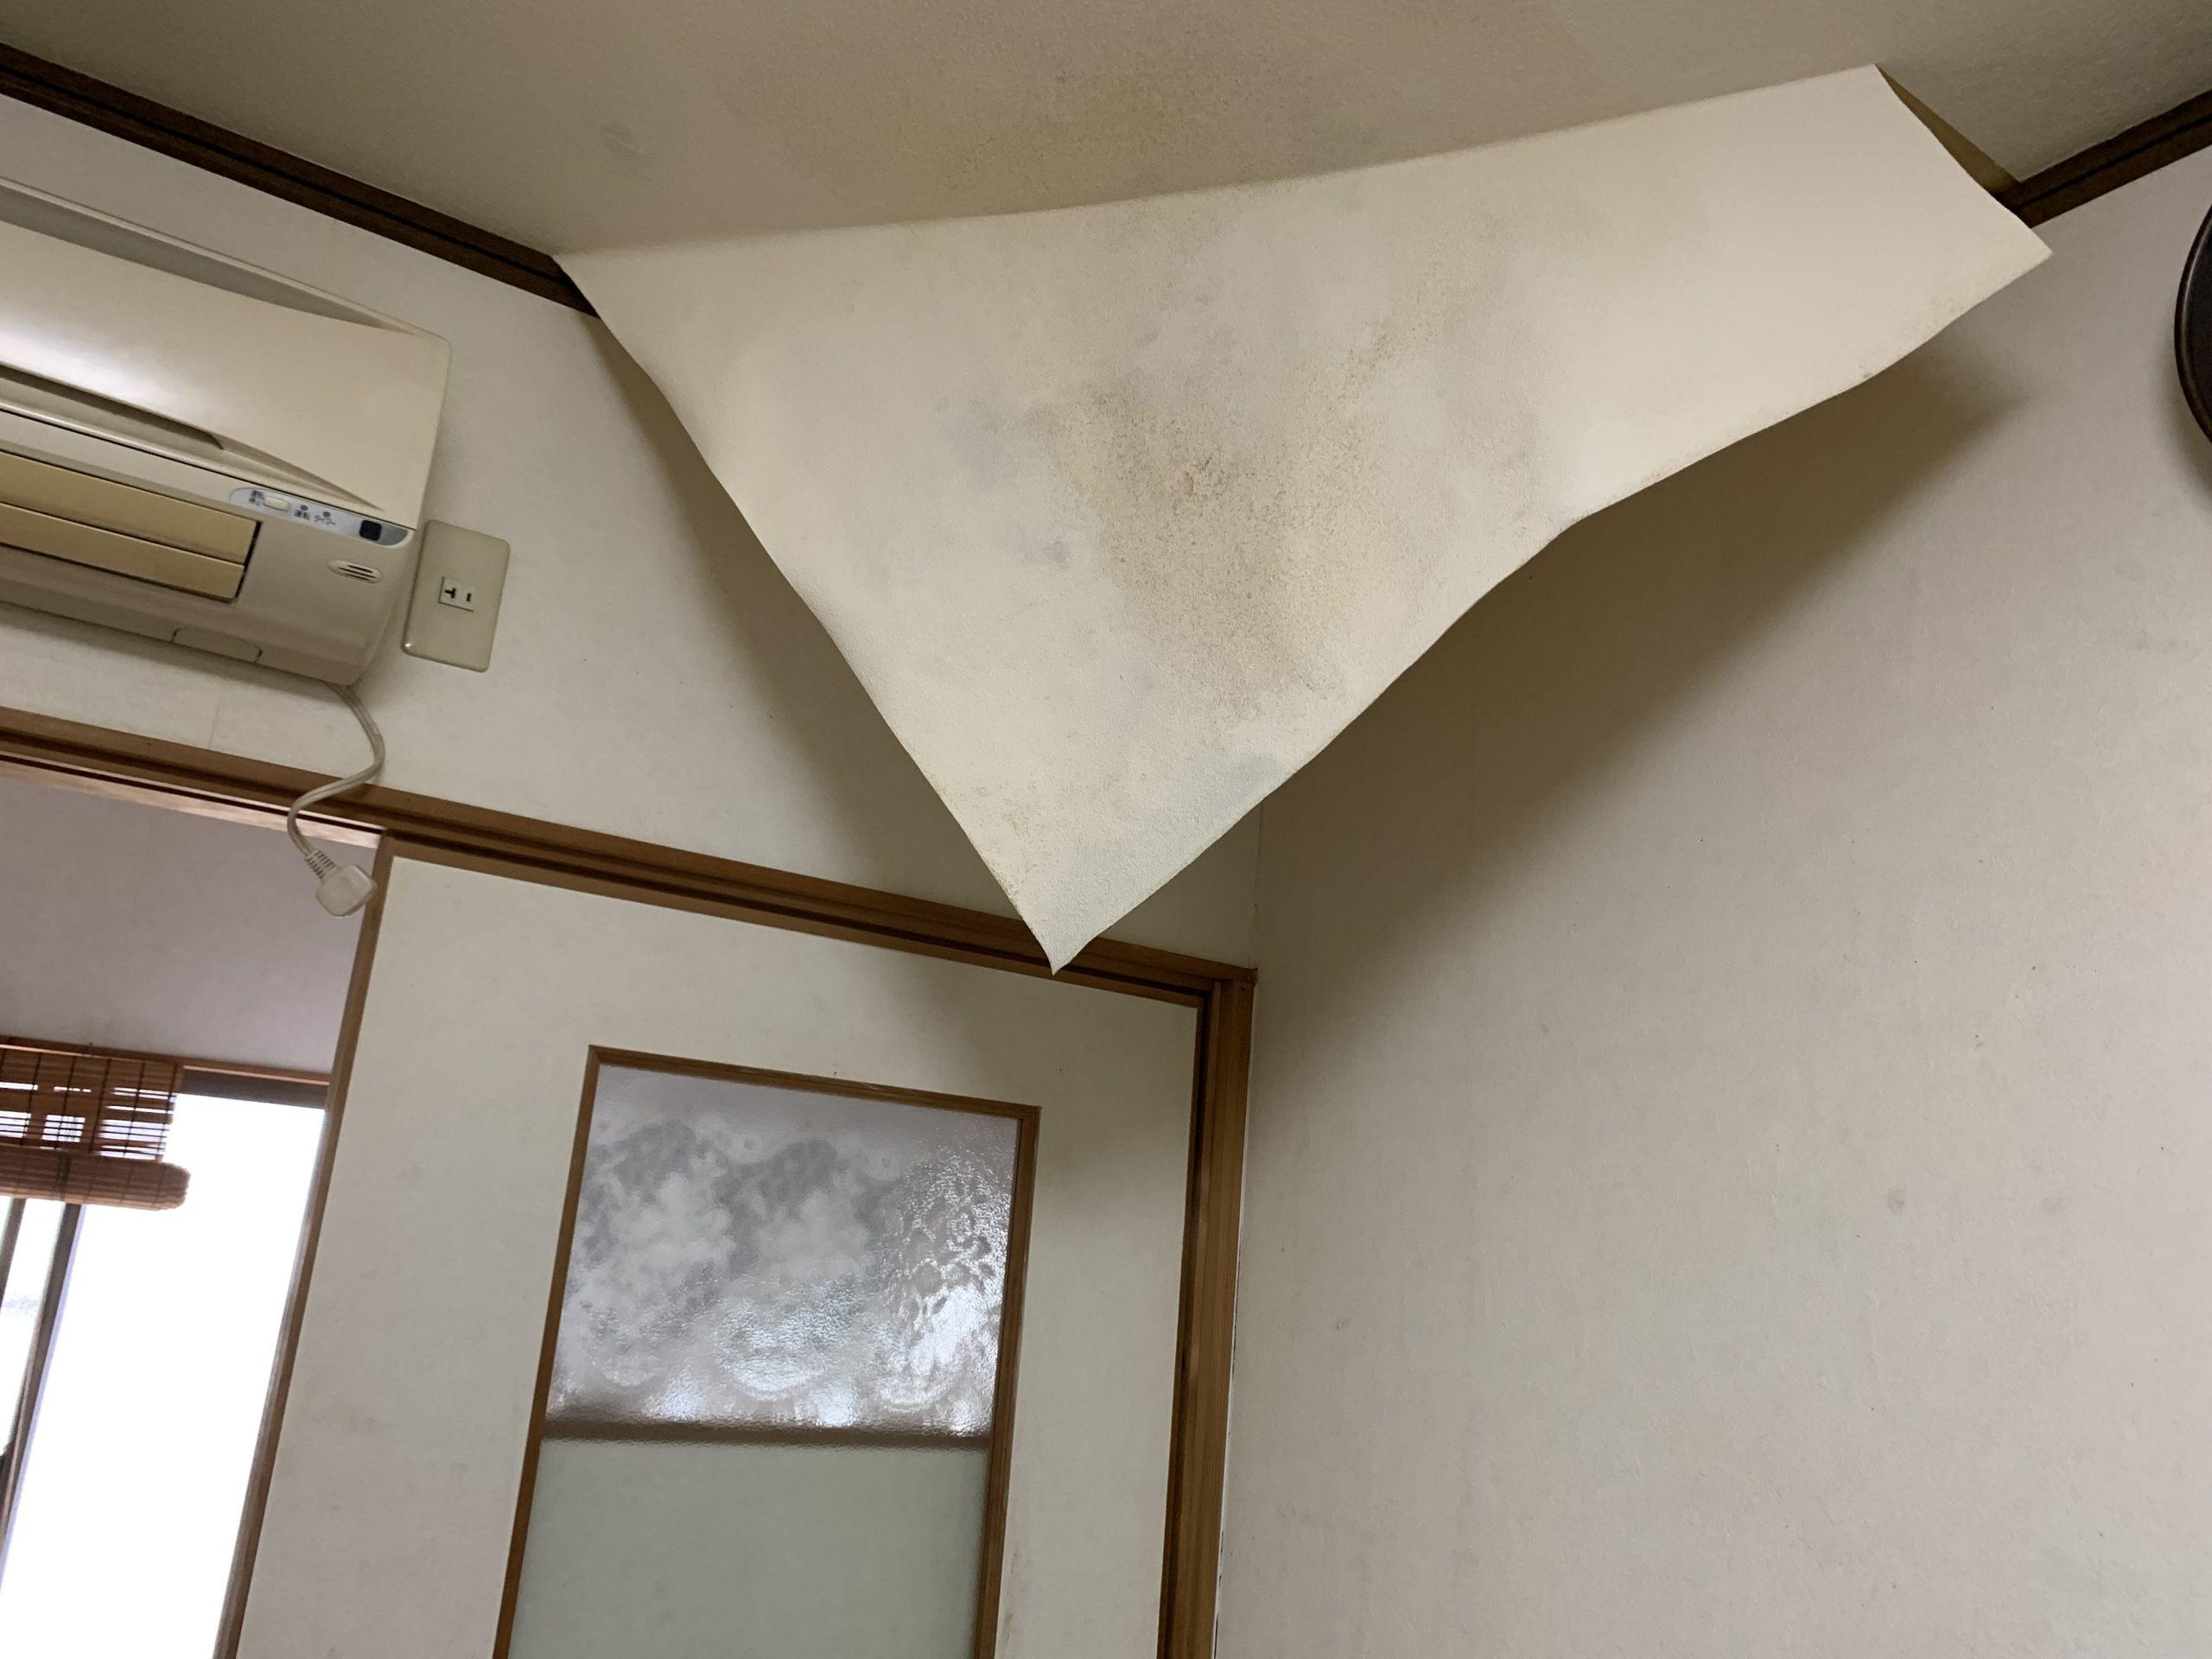 雨漏りによりめくれた天井クロス